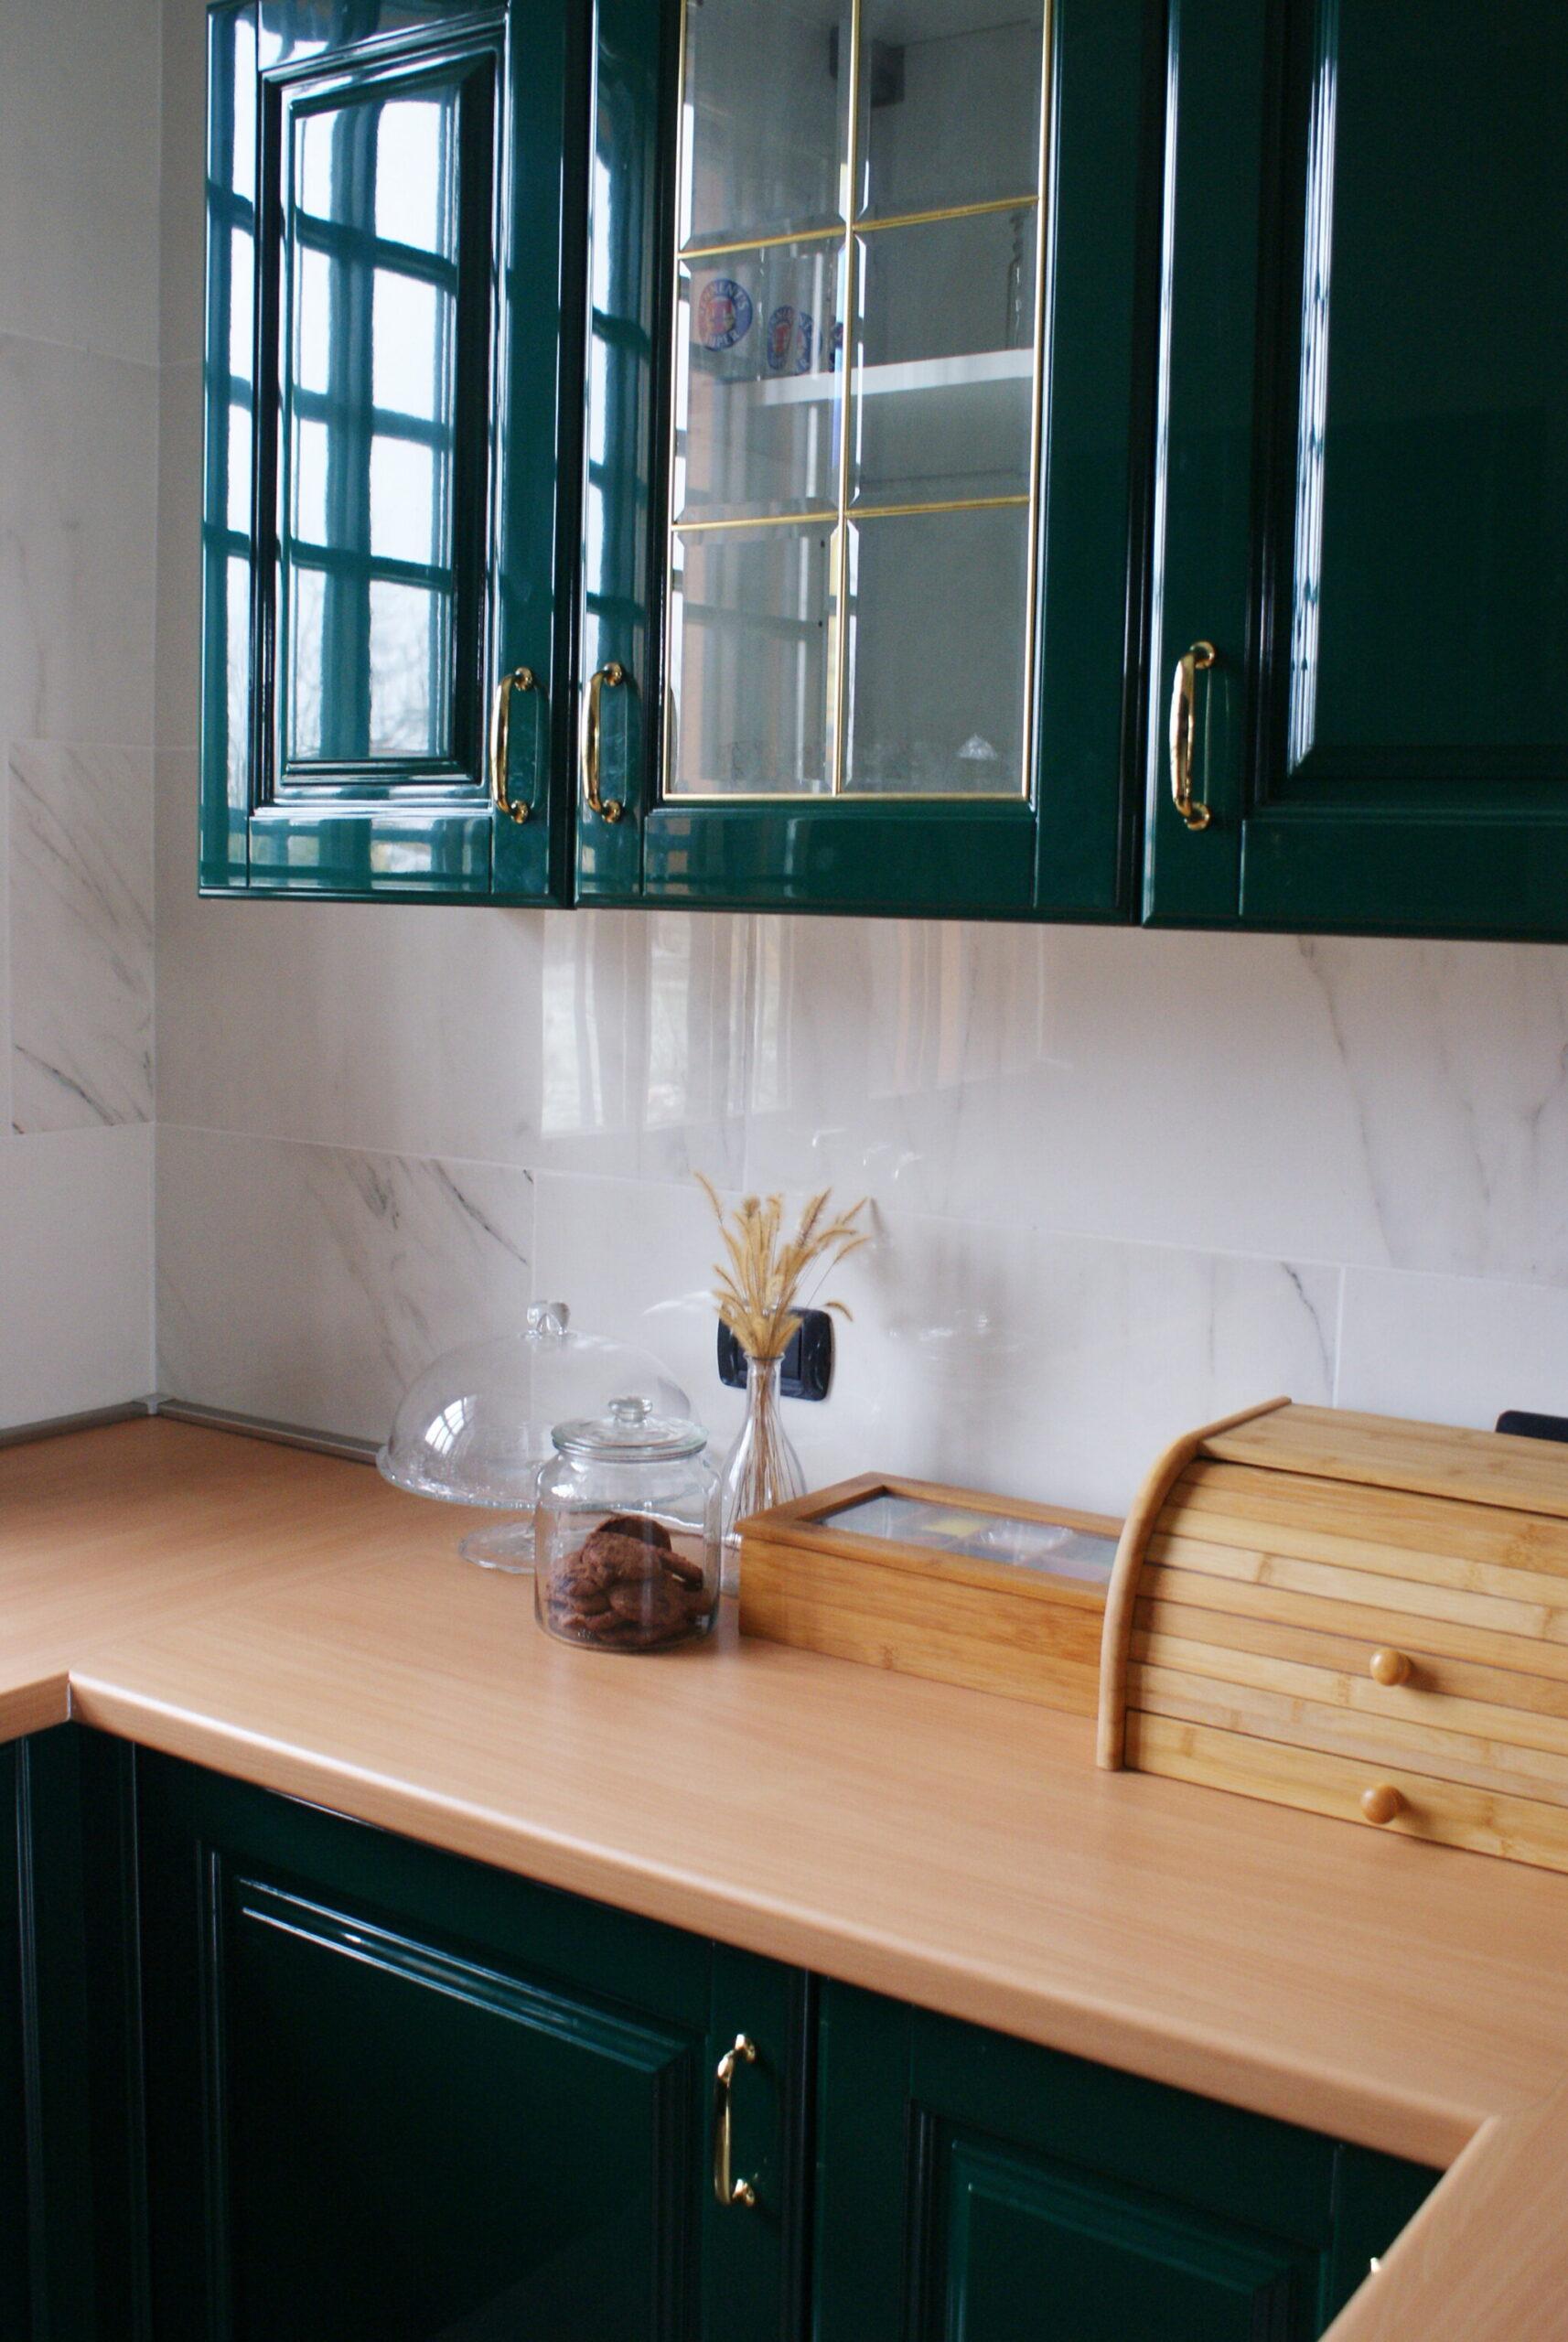 how declutter organize kitchen minimalist tips ulimate come organizzare riordinare cucina minimalista consigli green idea